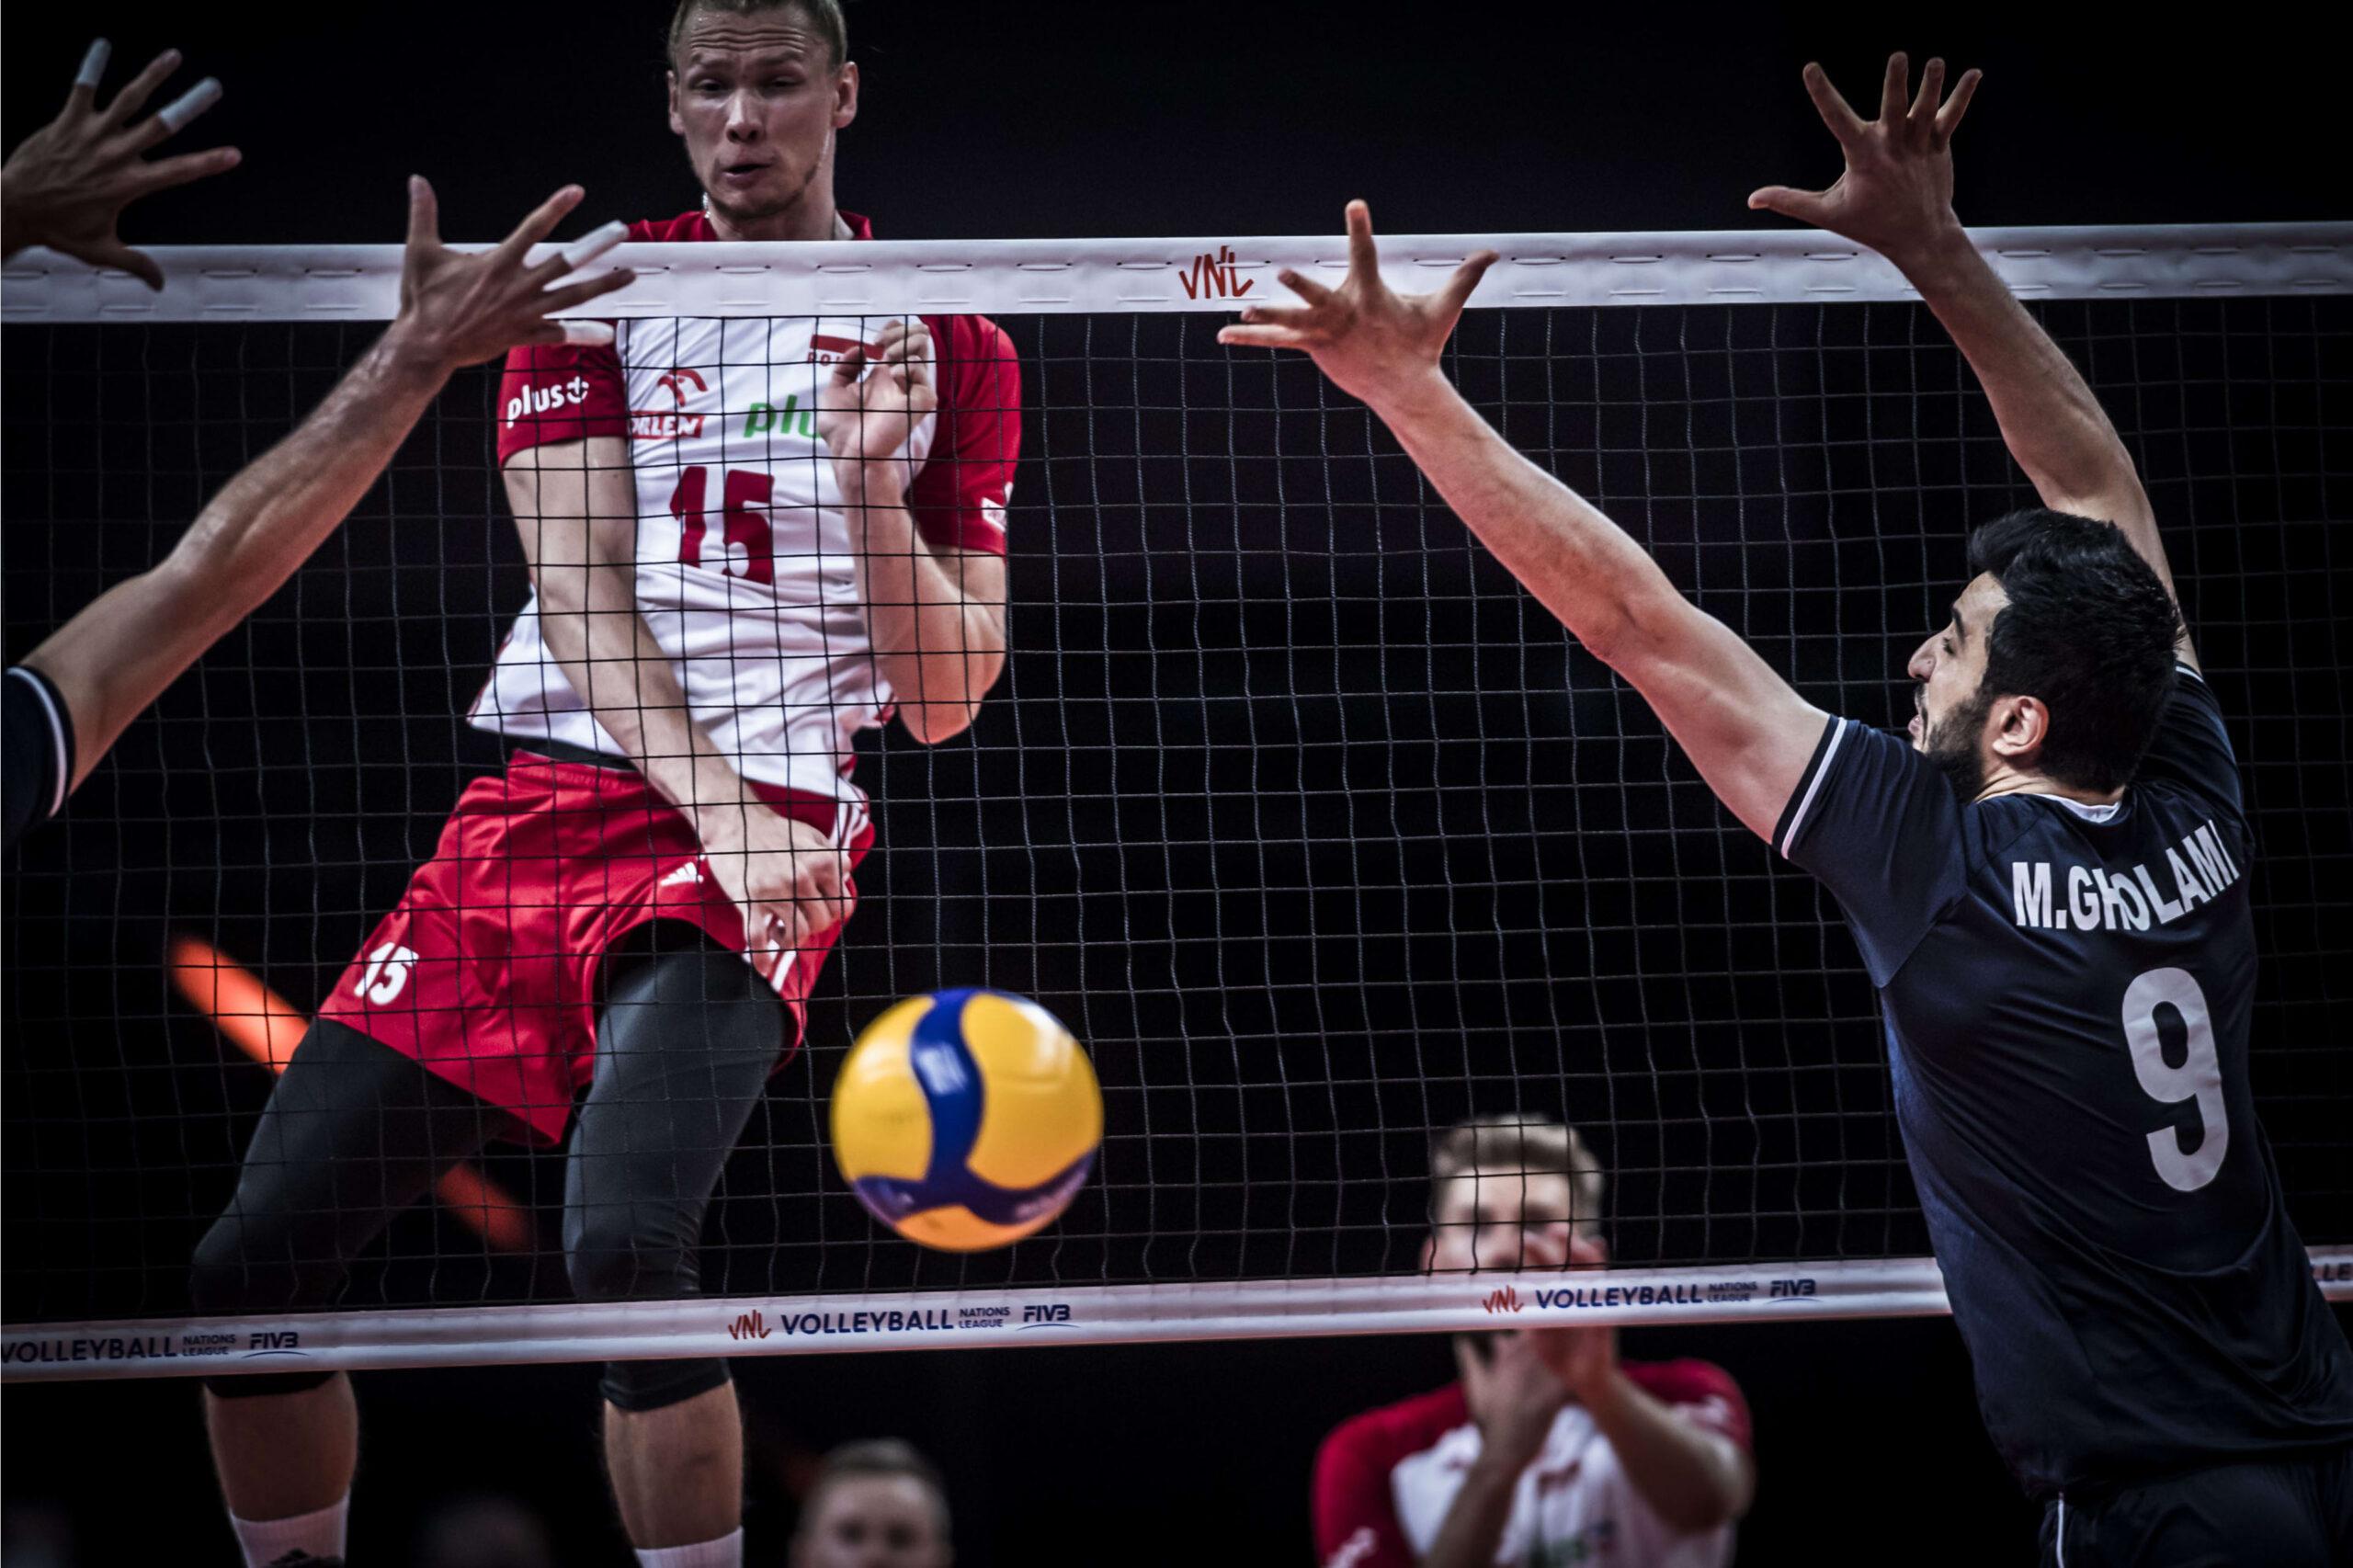 ایران ۰ – لهستان ۳؛ الکس نسخه تیم ملی را پیچید!